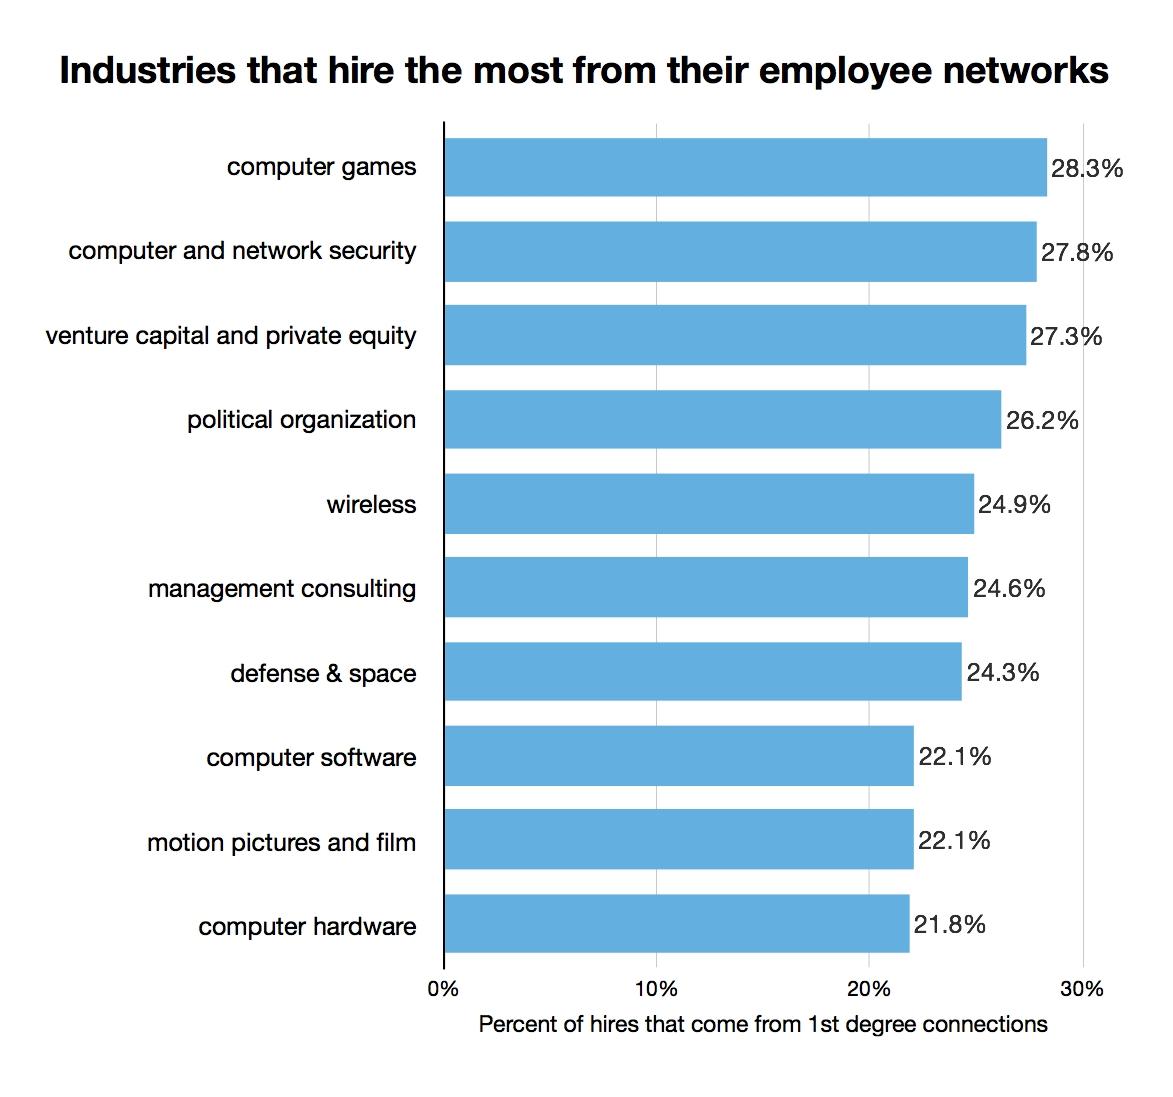 Industries-LI-most